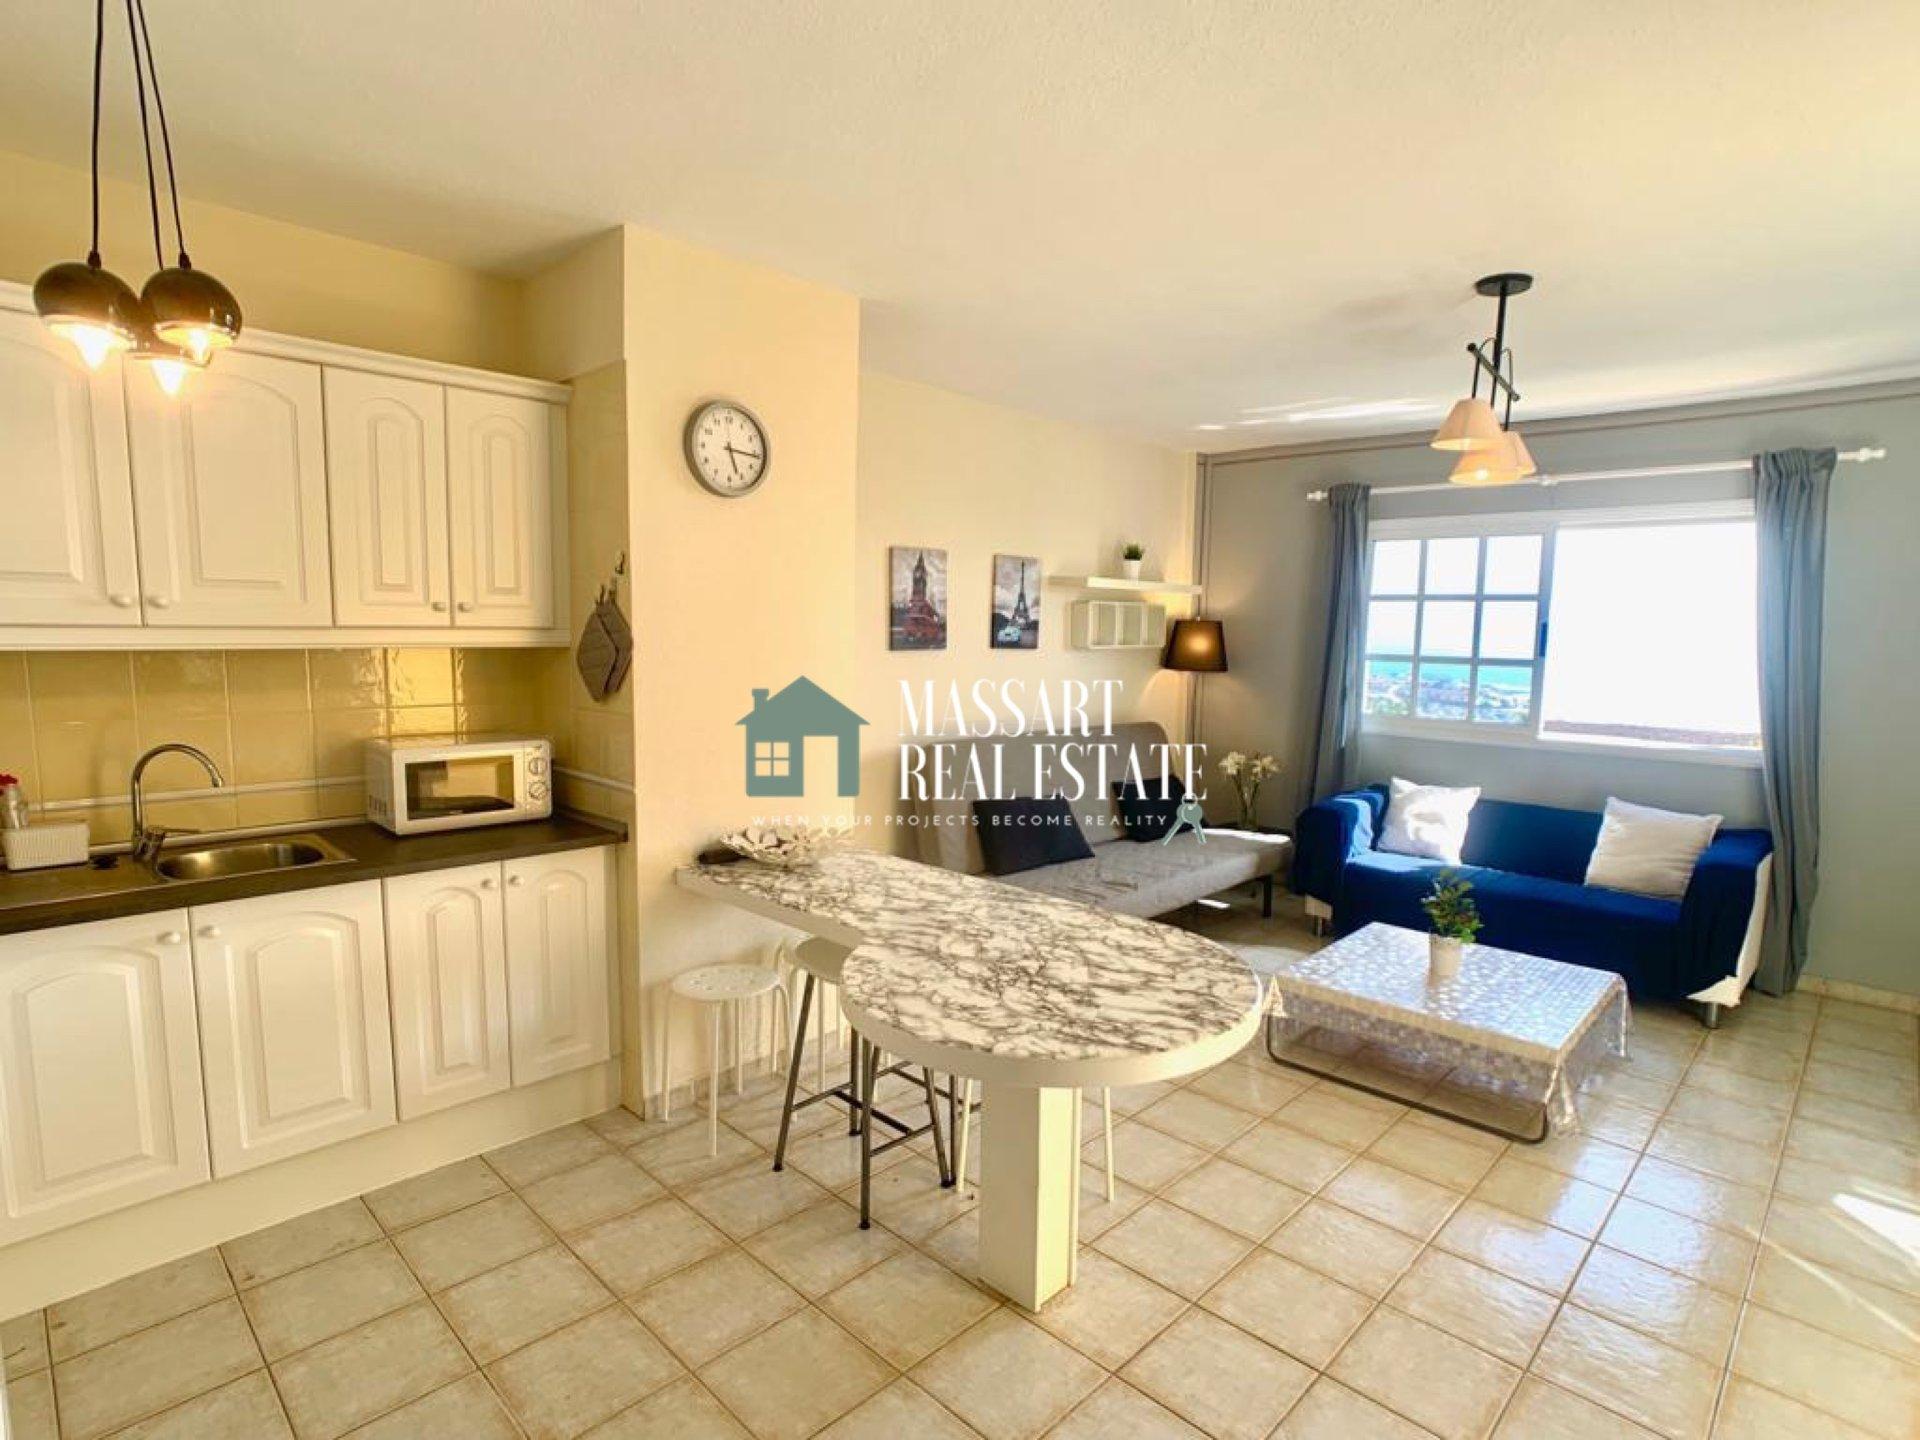 Zu verkaufen in der Wohngegend Balcón del Atlántico, wunderschöne Wohnung von 54 m2 mit privilegiertem Blick.